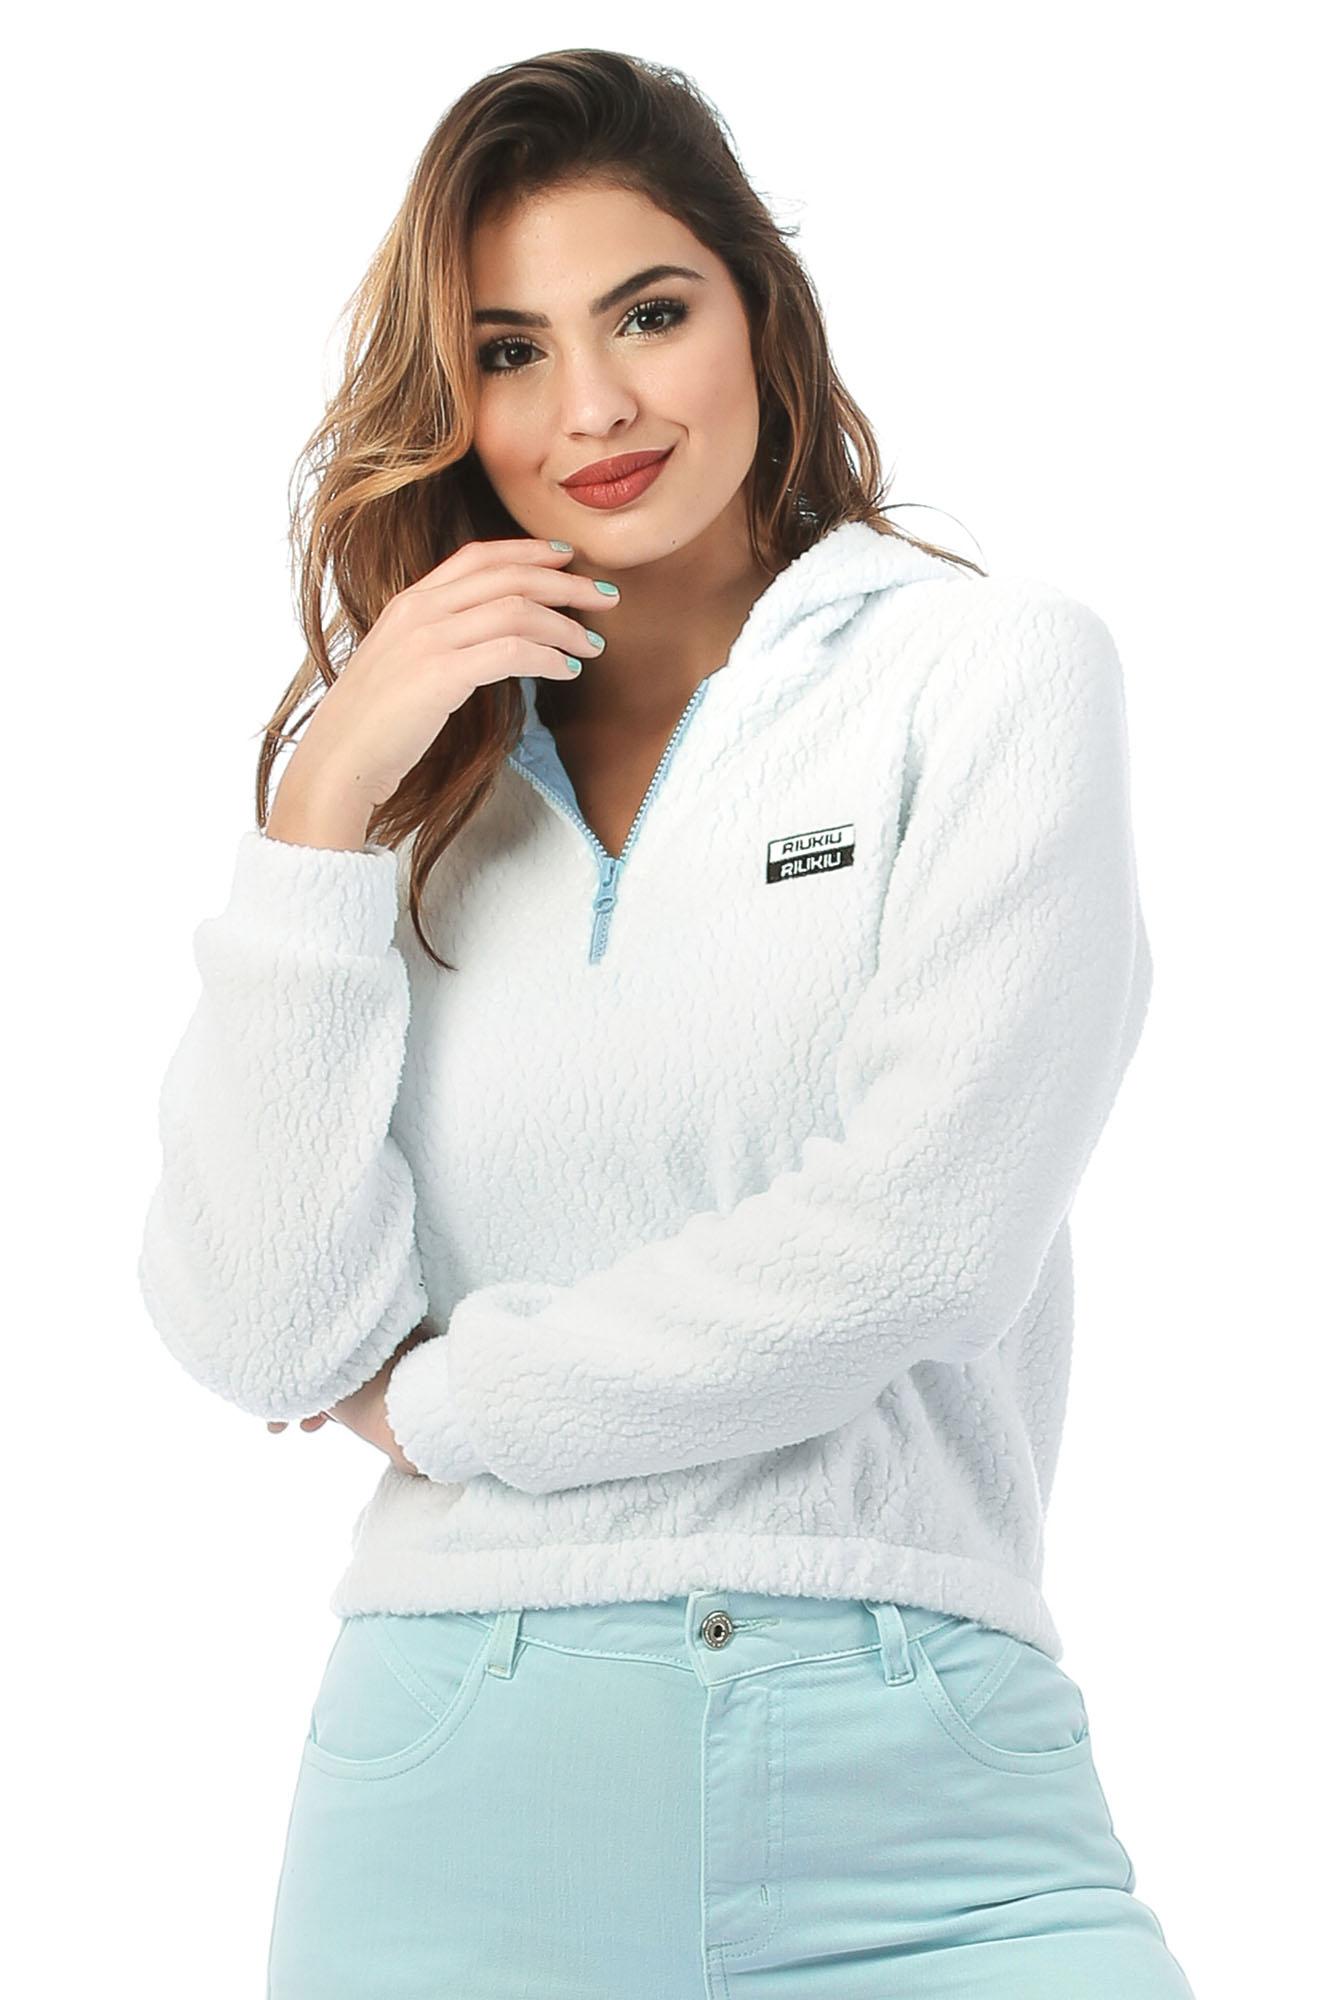 Blusa Carneirinho com Capuz Branco